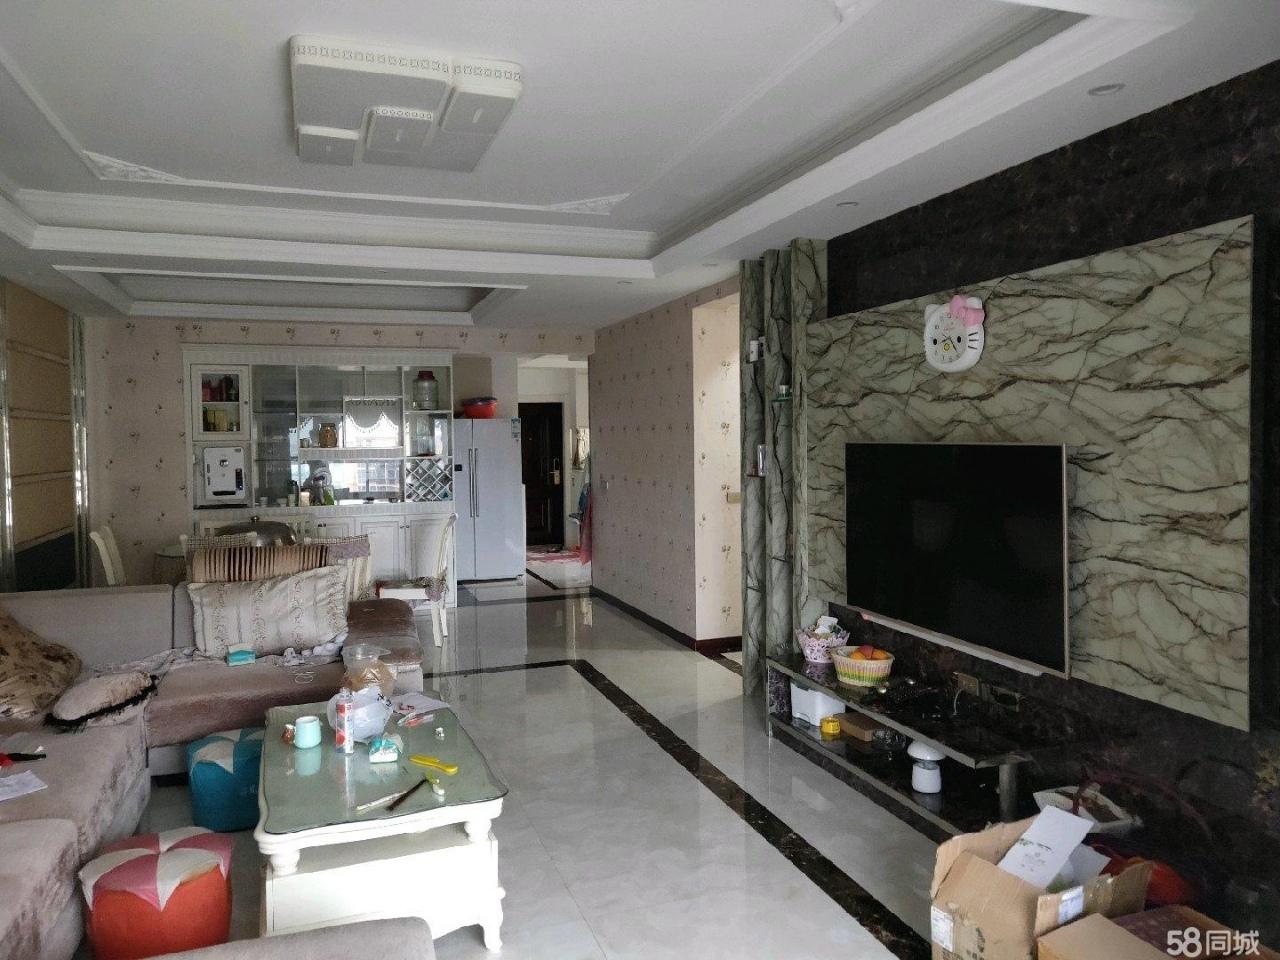 宏帆广场5室2厅2卫110.80万元